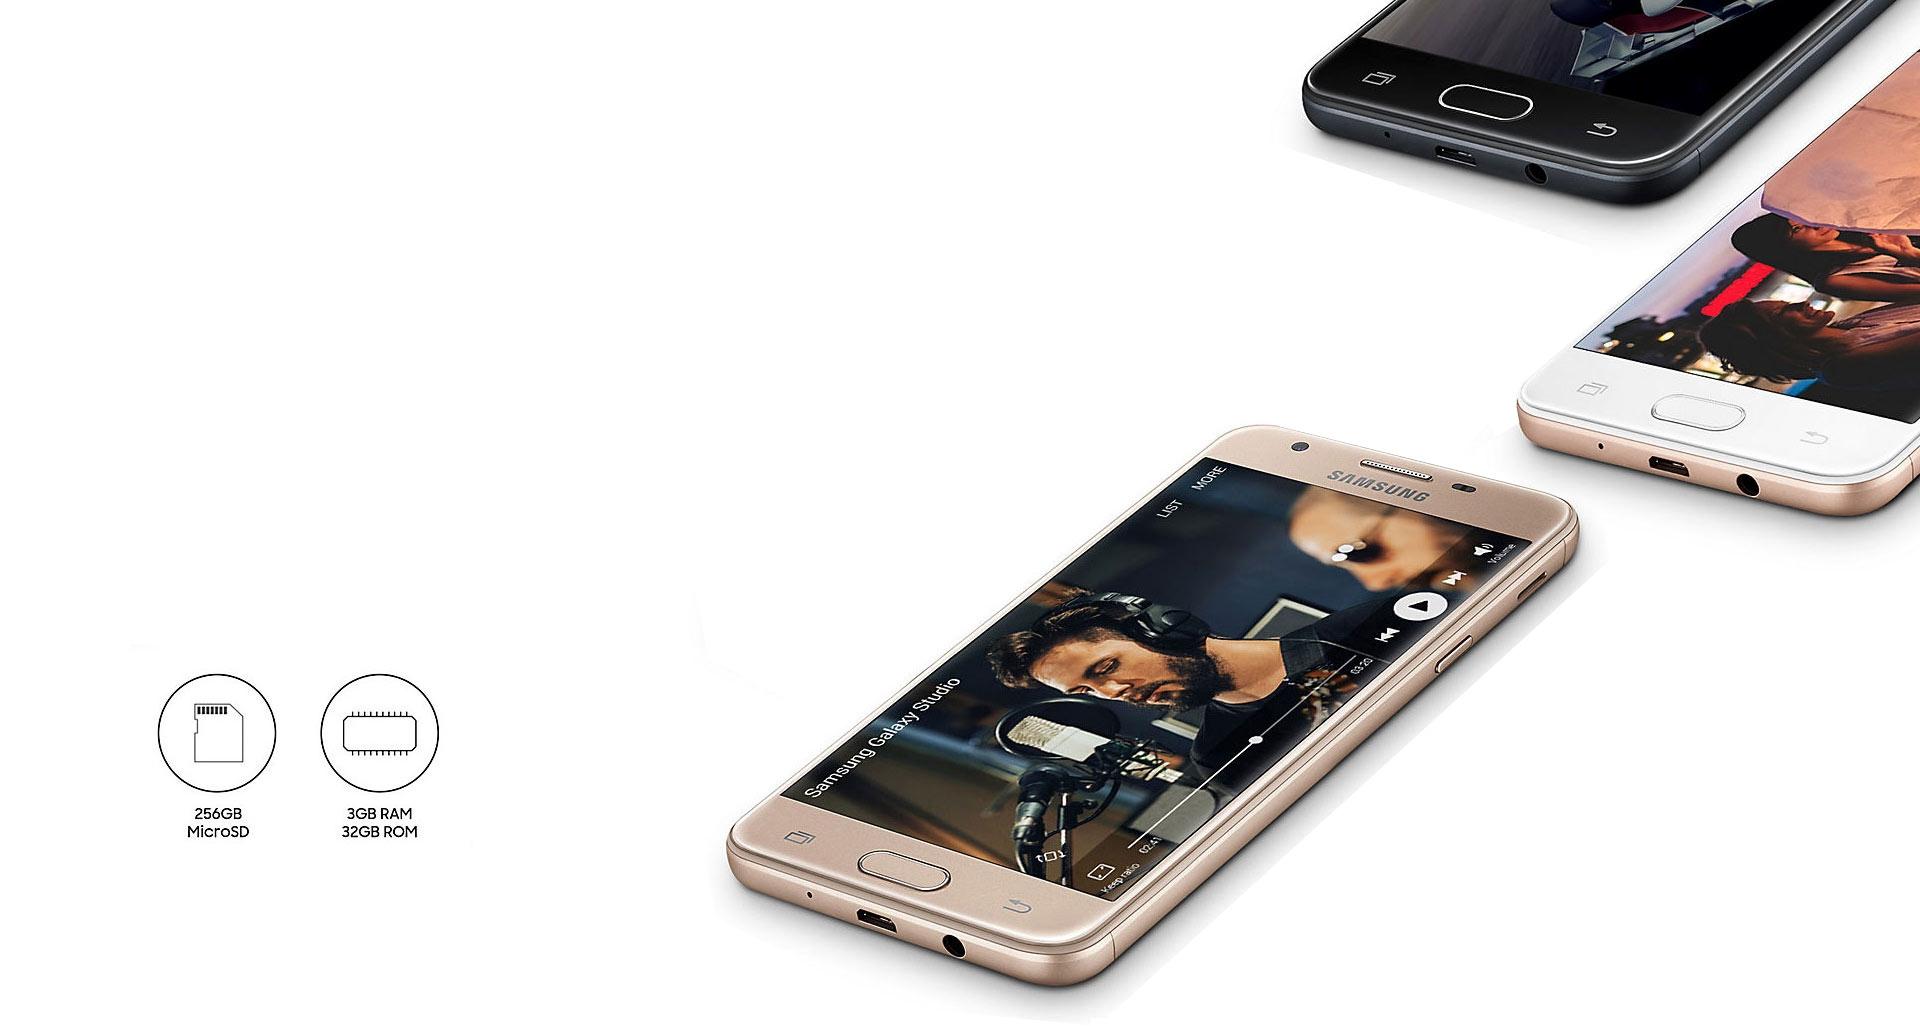 عملکردی سریع و آسان با گوشی G5700 سامسونگ